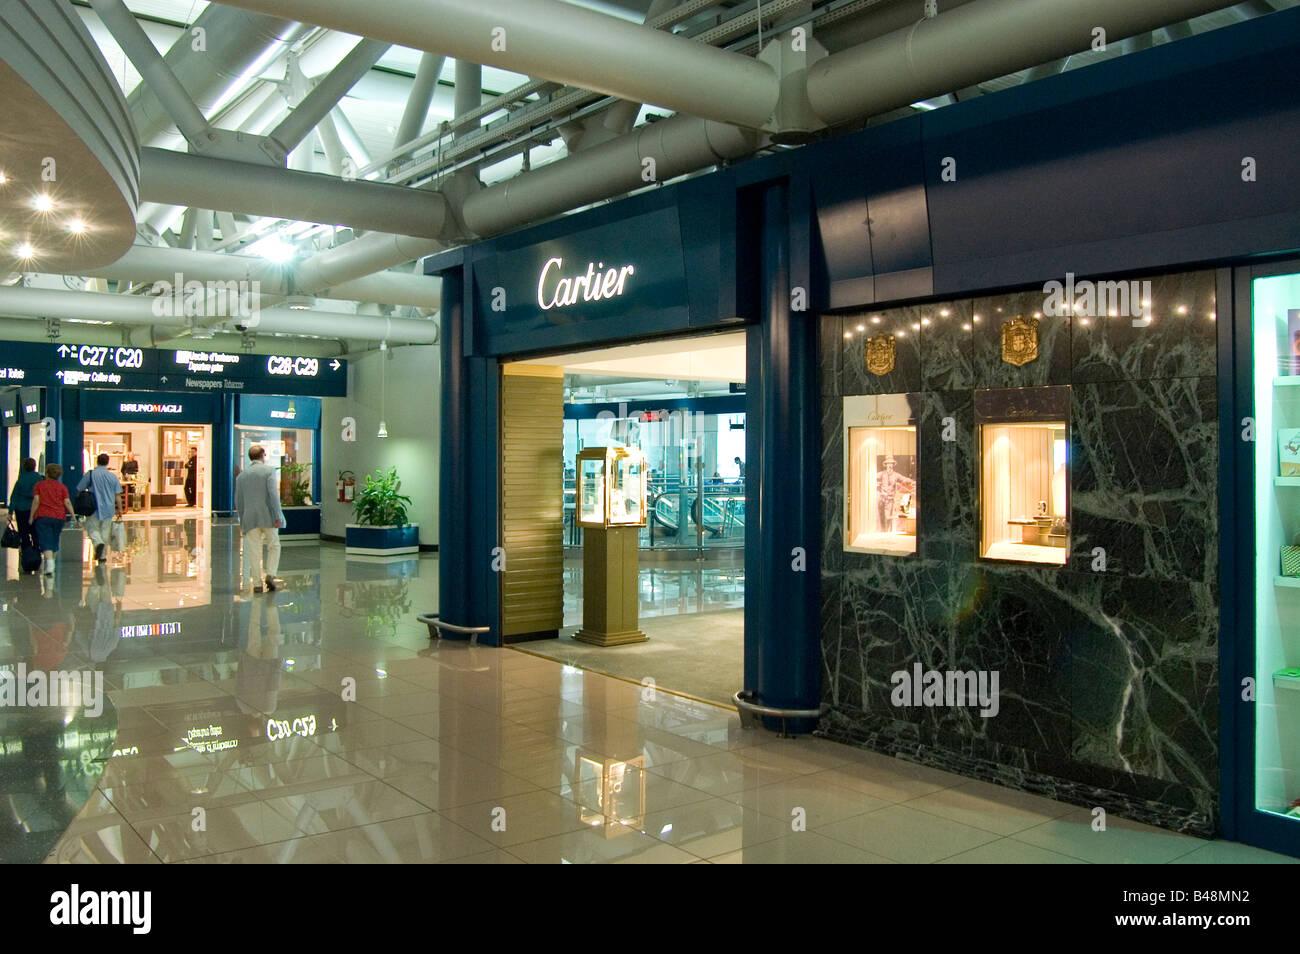 high end shops in Fiumicino Leonardo di Vinci Airport Rome Italy - Stock Image